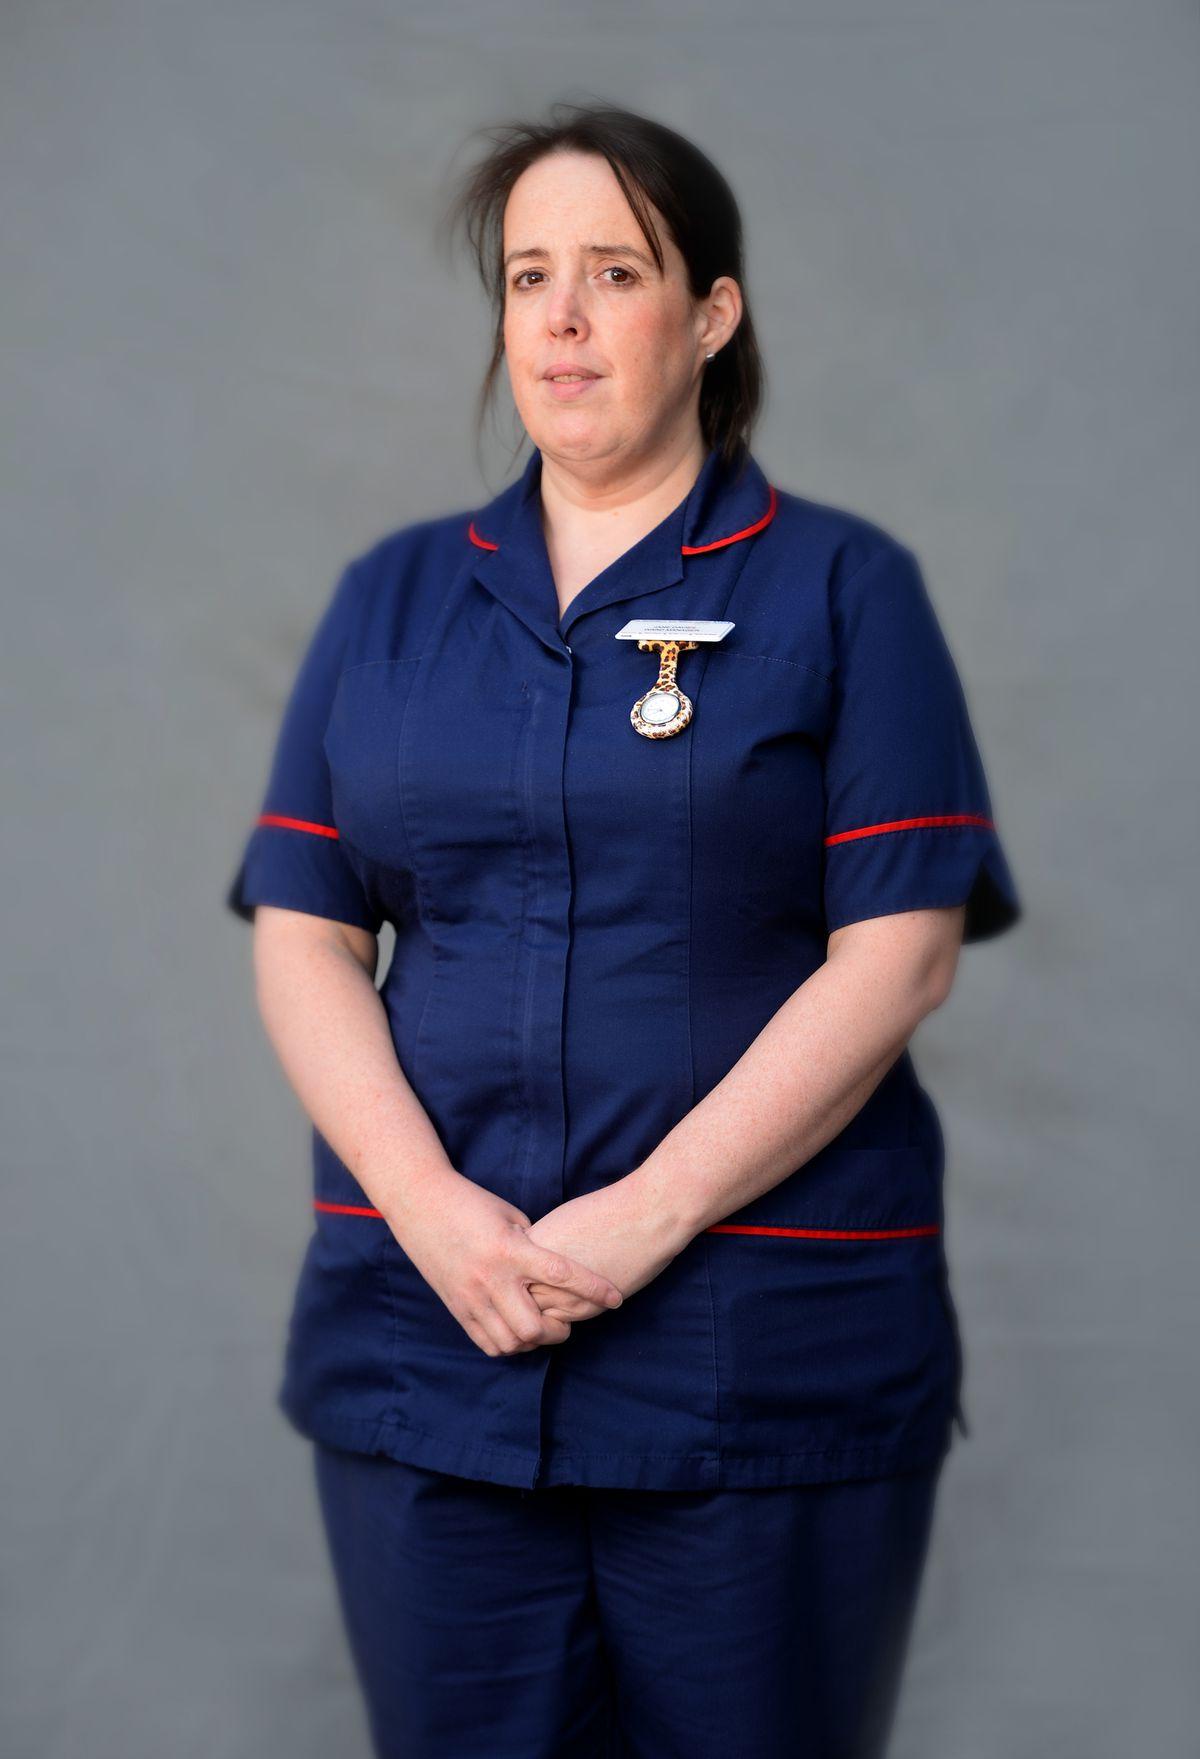 Jane Davies, ITU ward manager